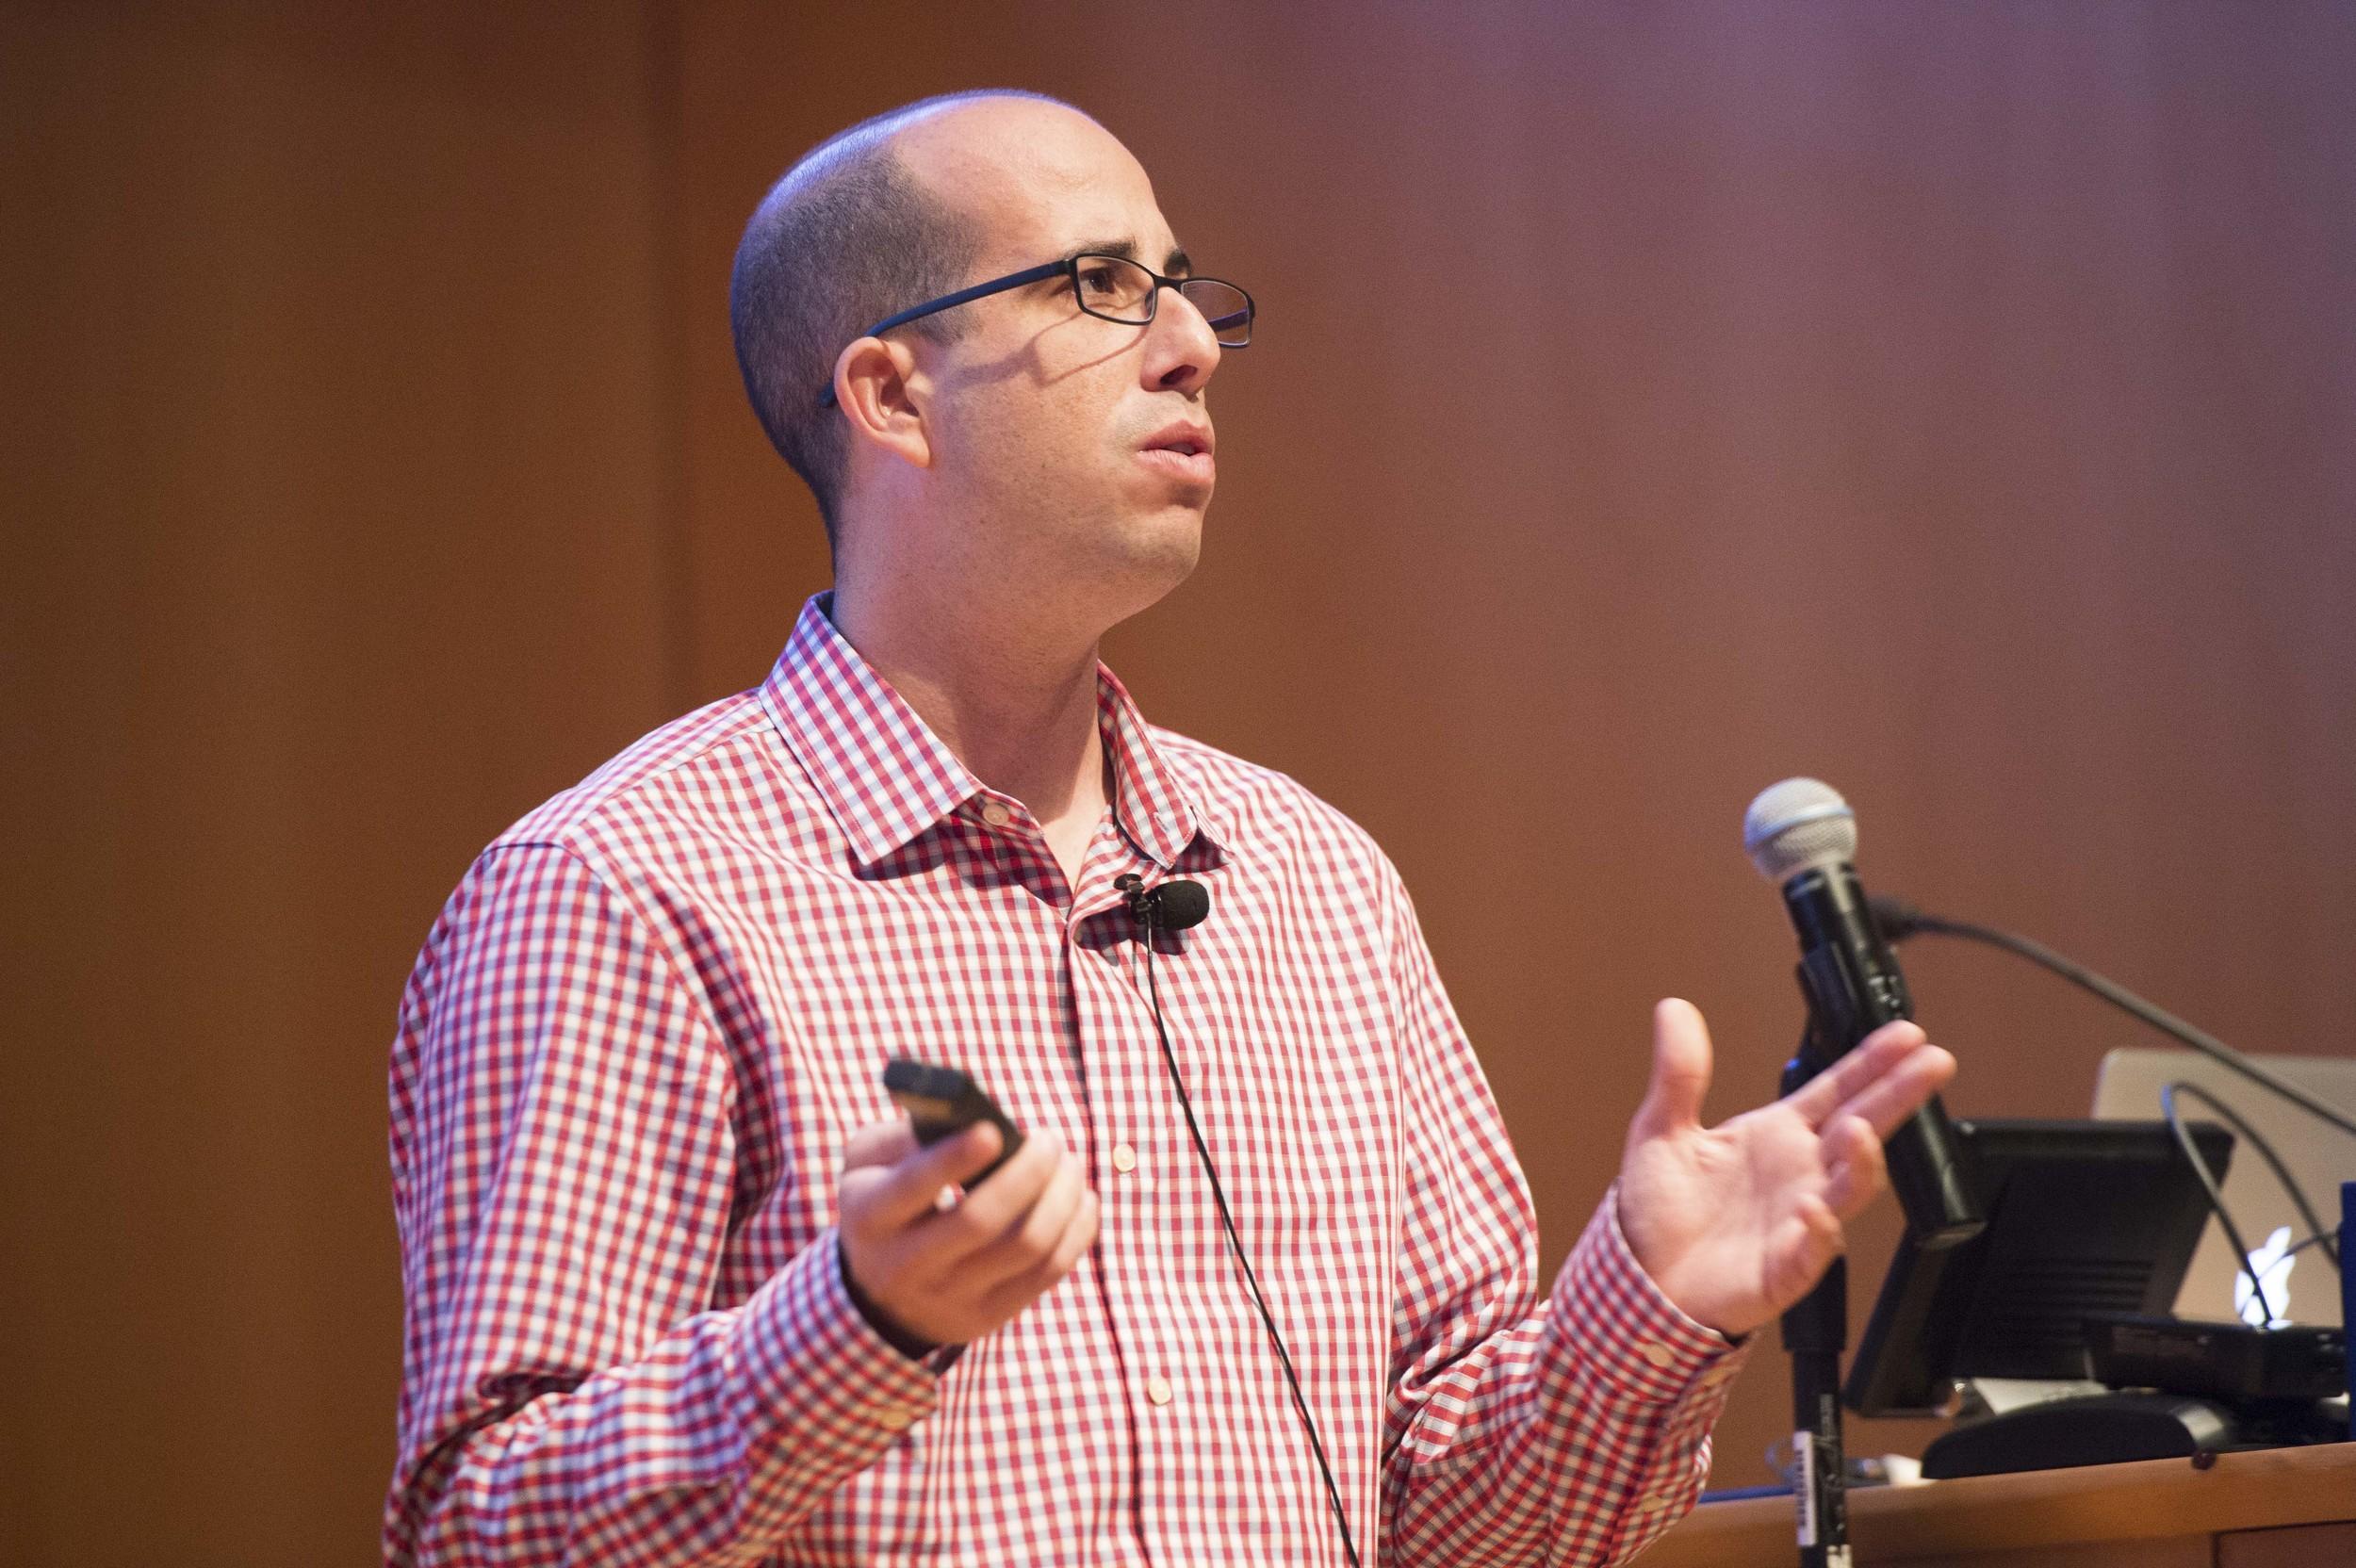 Aaron D. Gitler, PhD